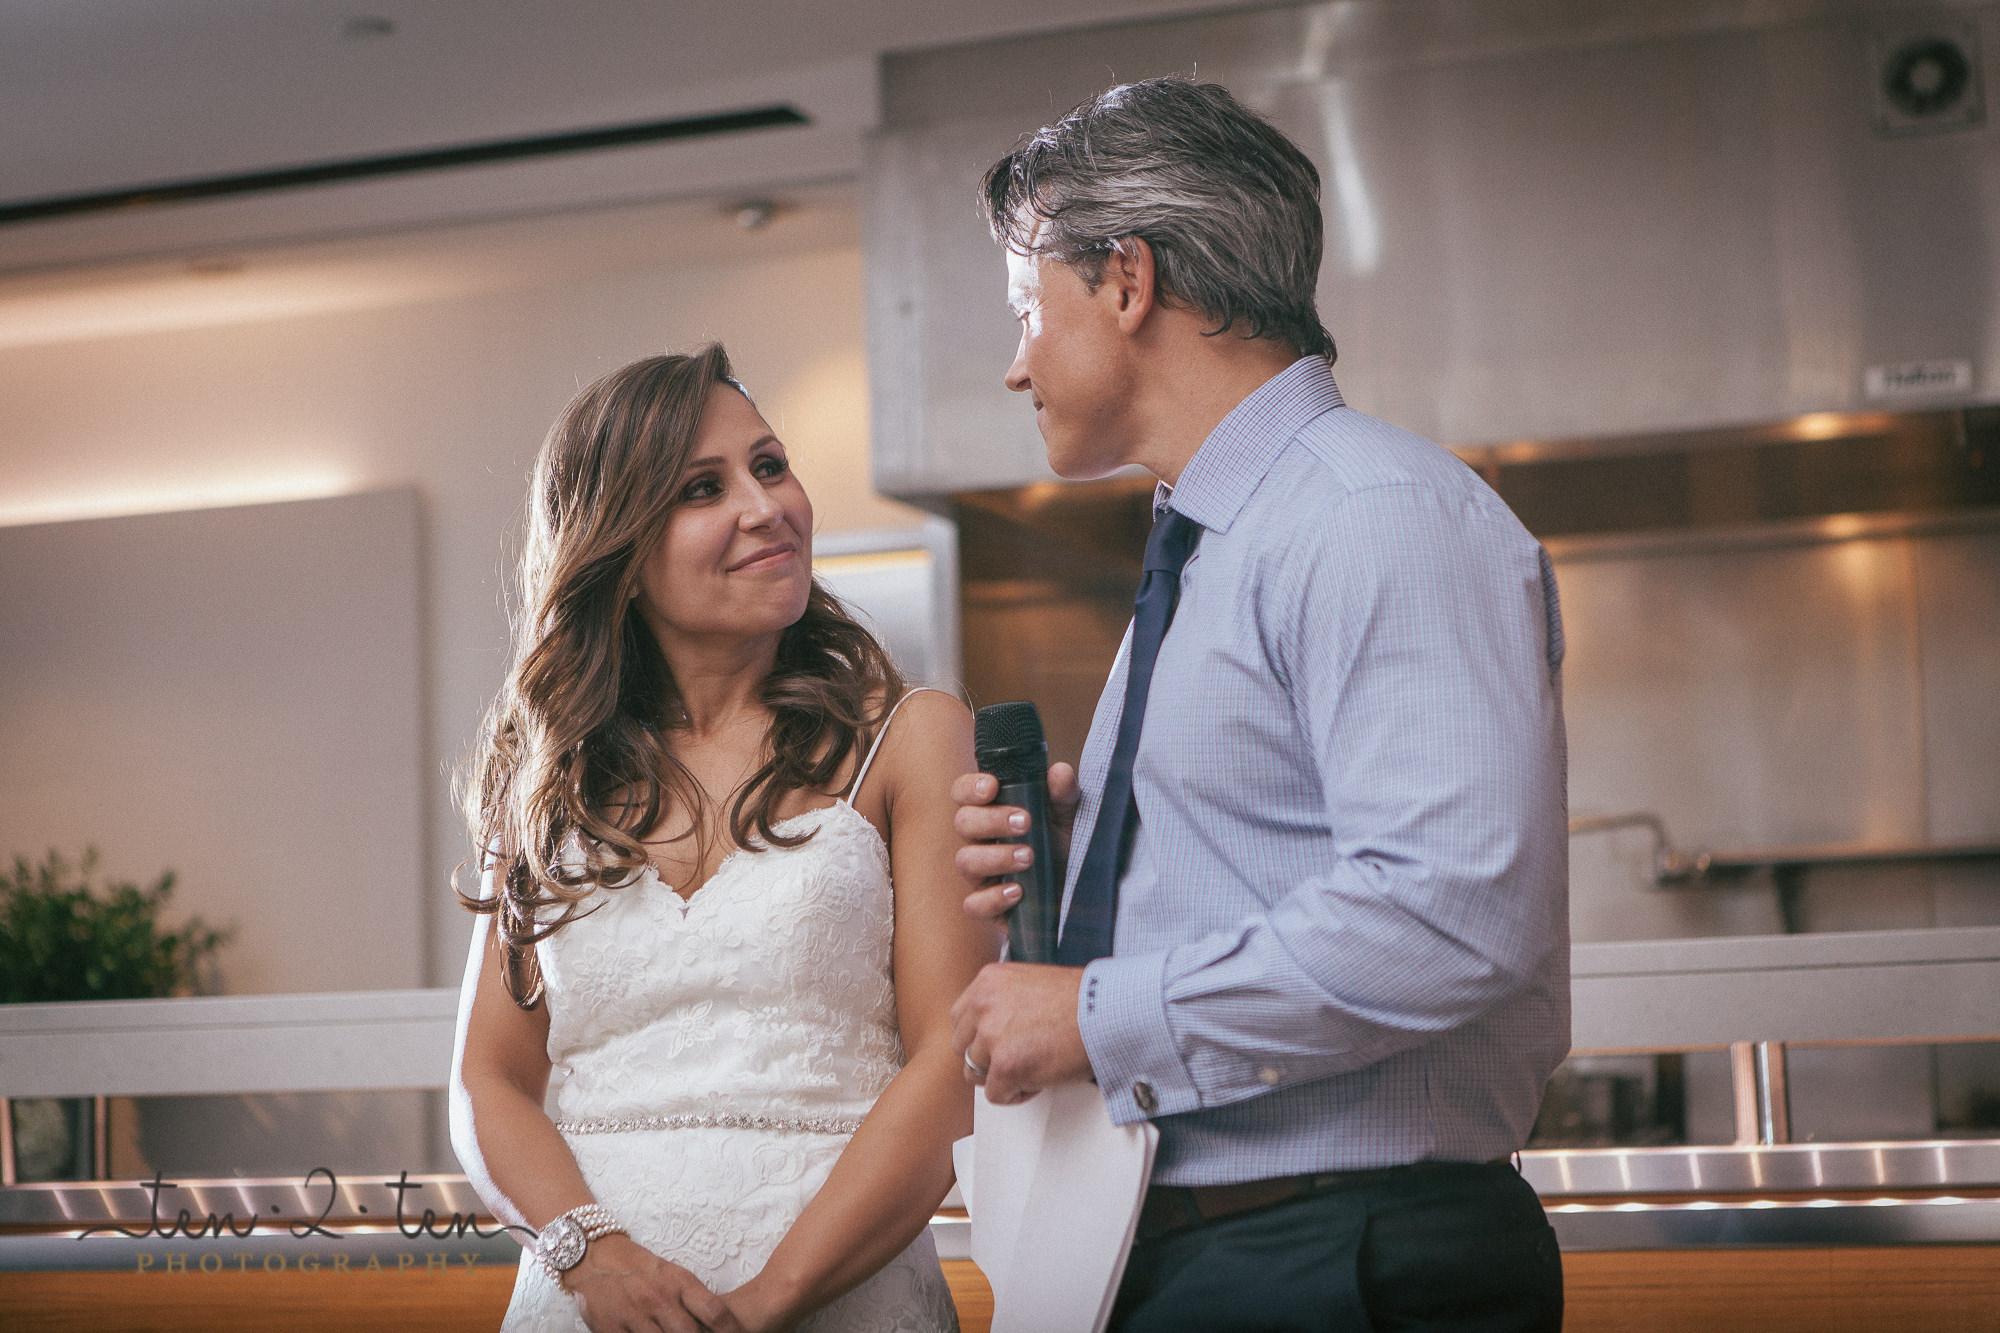 mildreds temple kitchen wedding photos 469 - Mildred's Temple Kitchen Wedding Photos